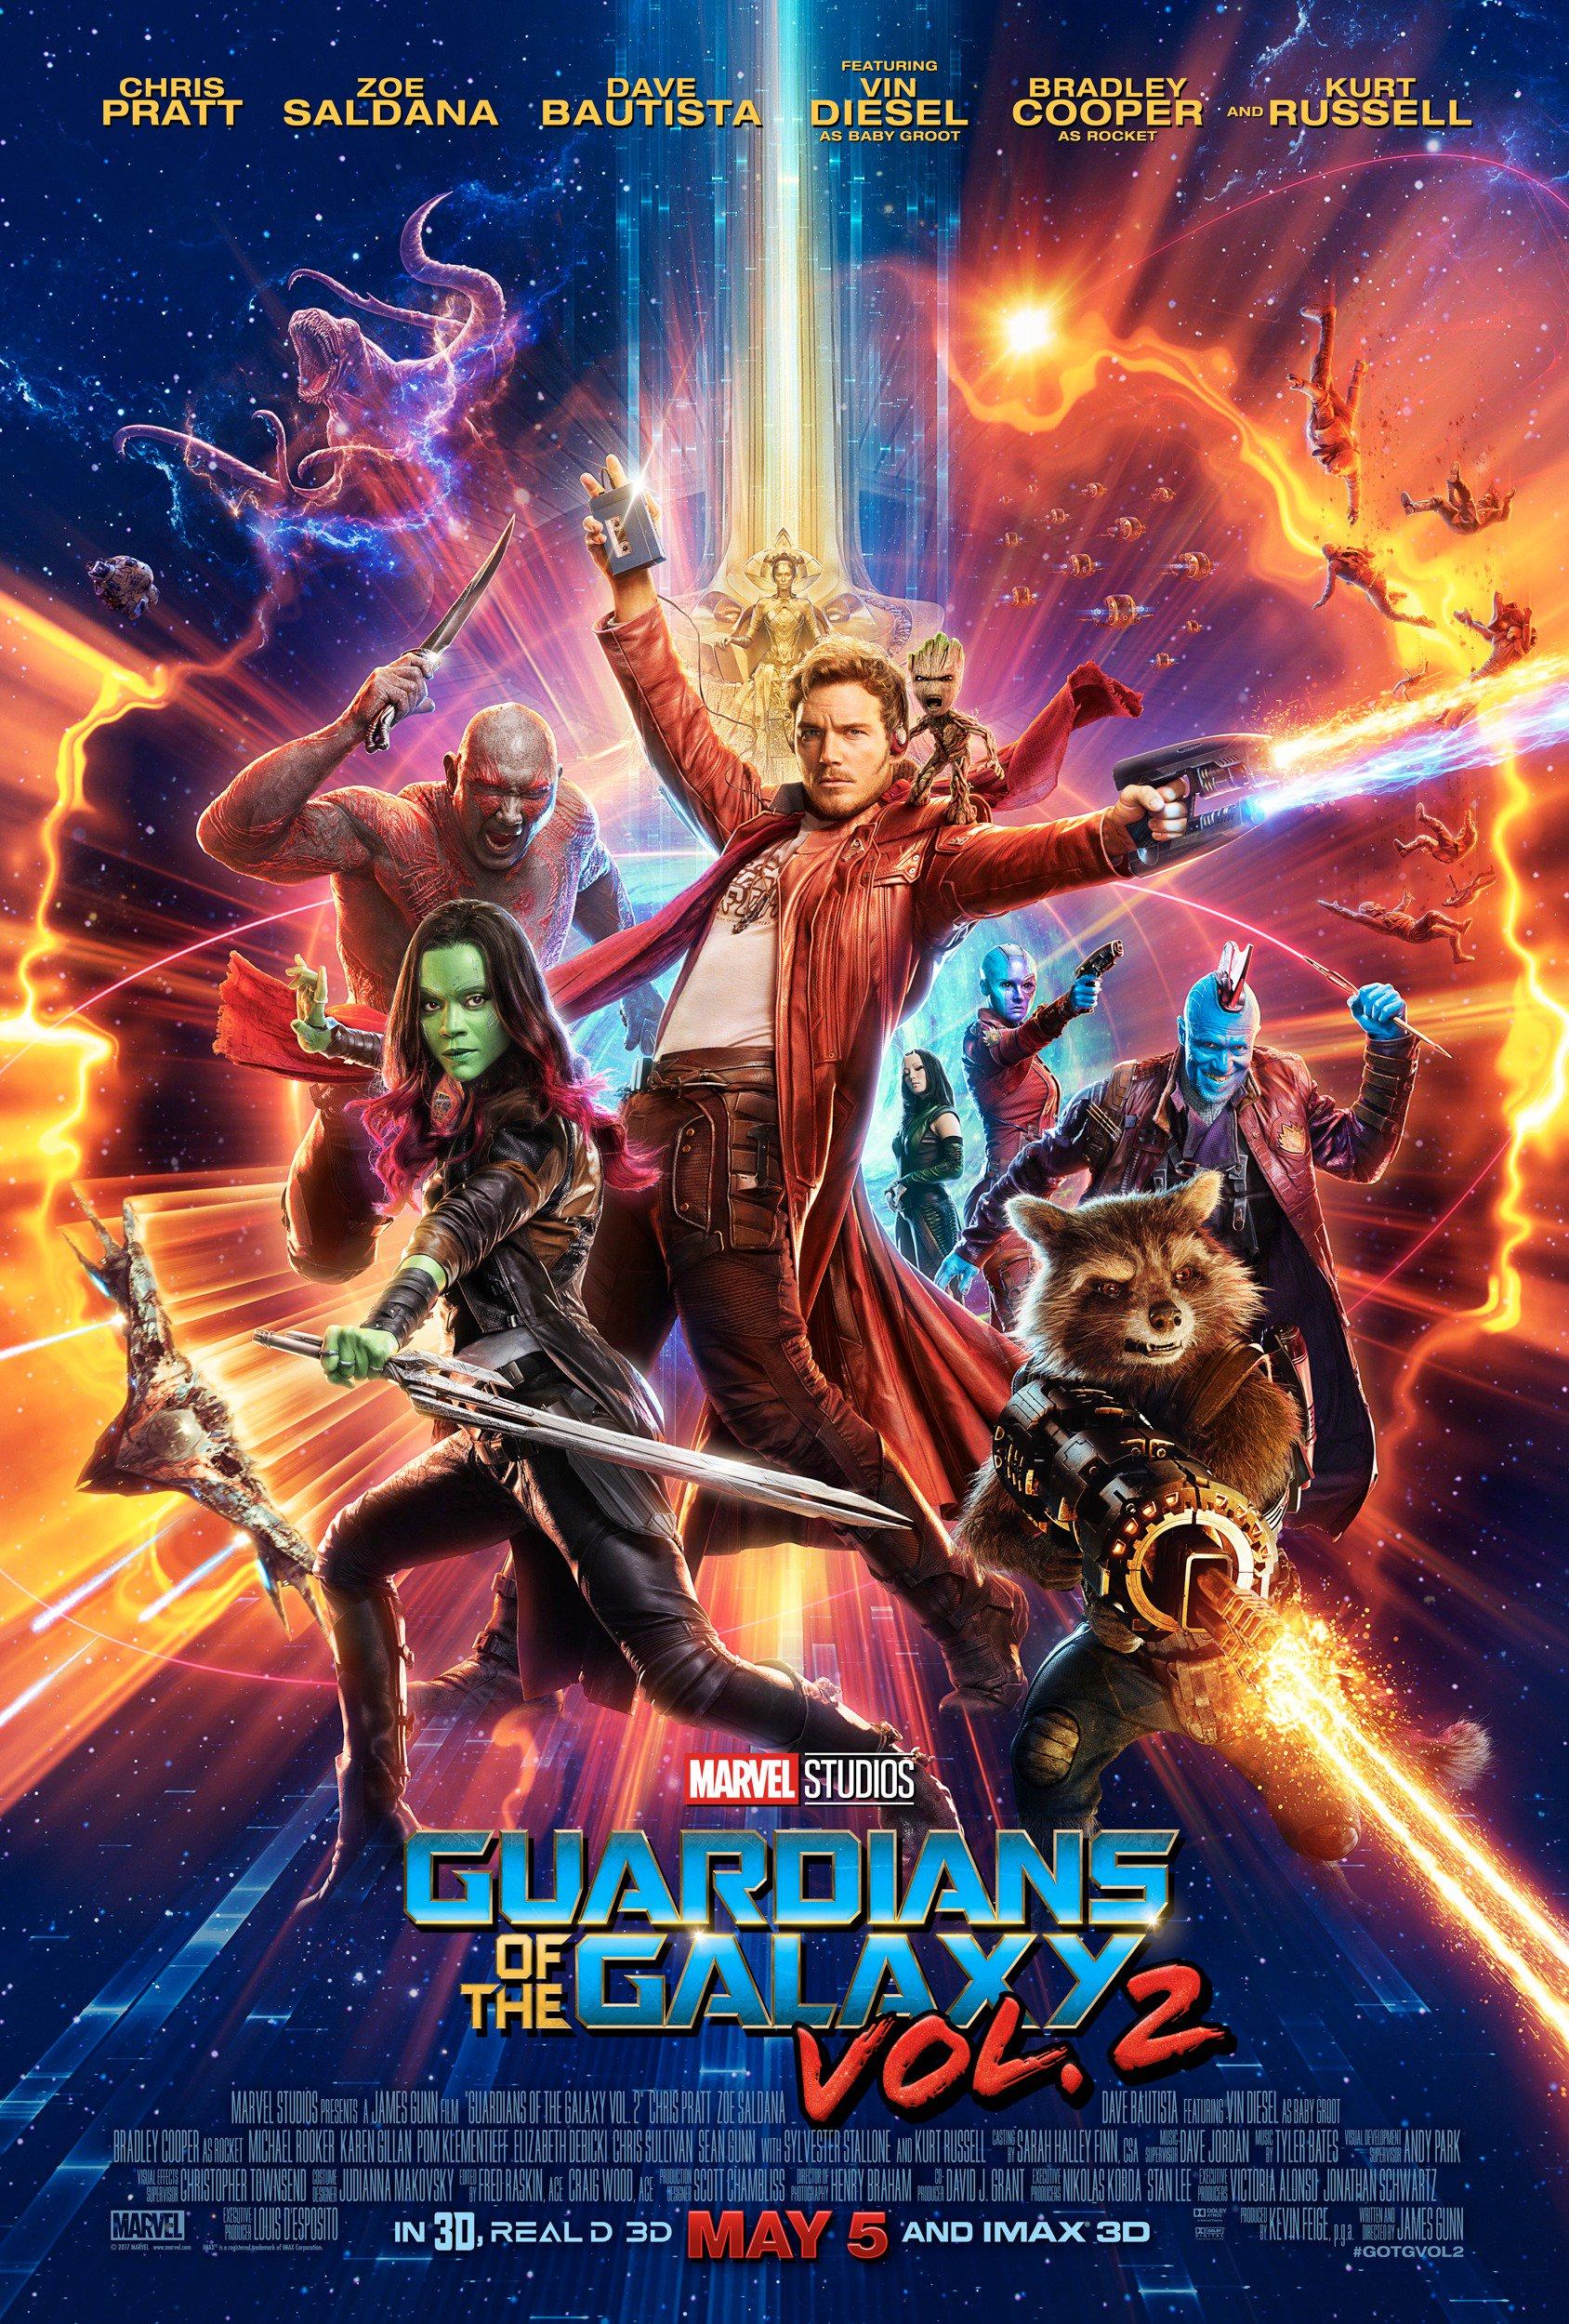 Výsledek obrázku pro strážci galaxie 2 plakát